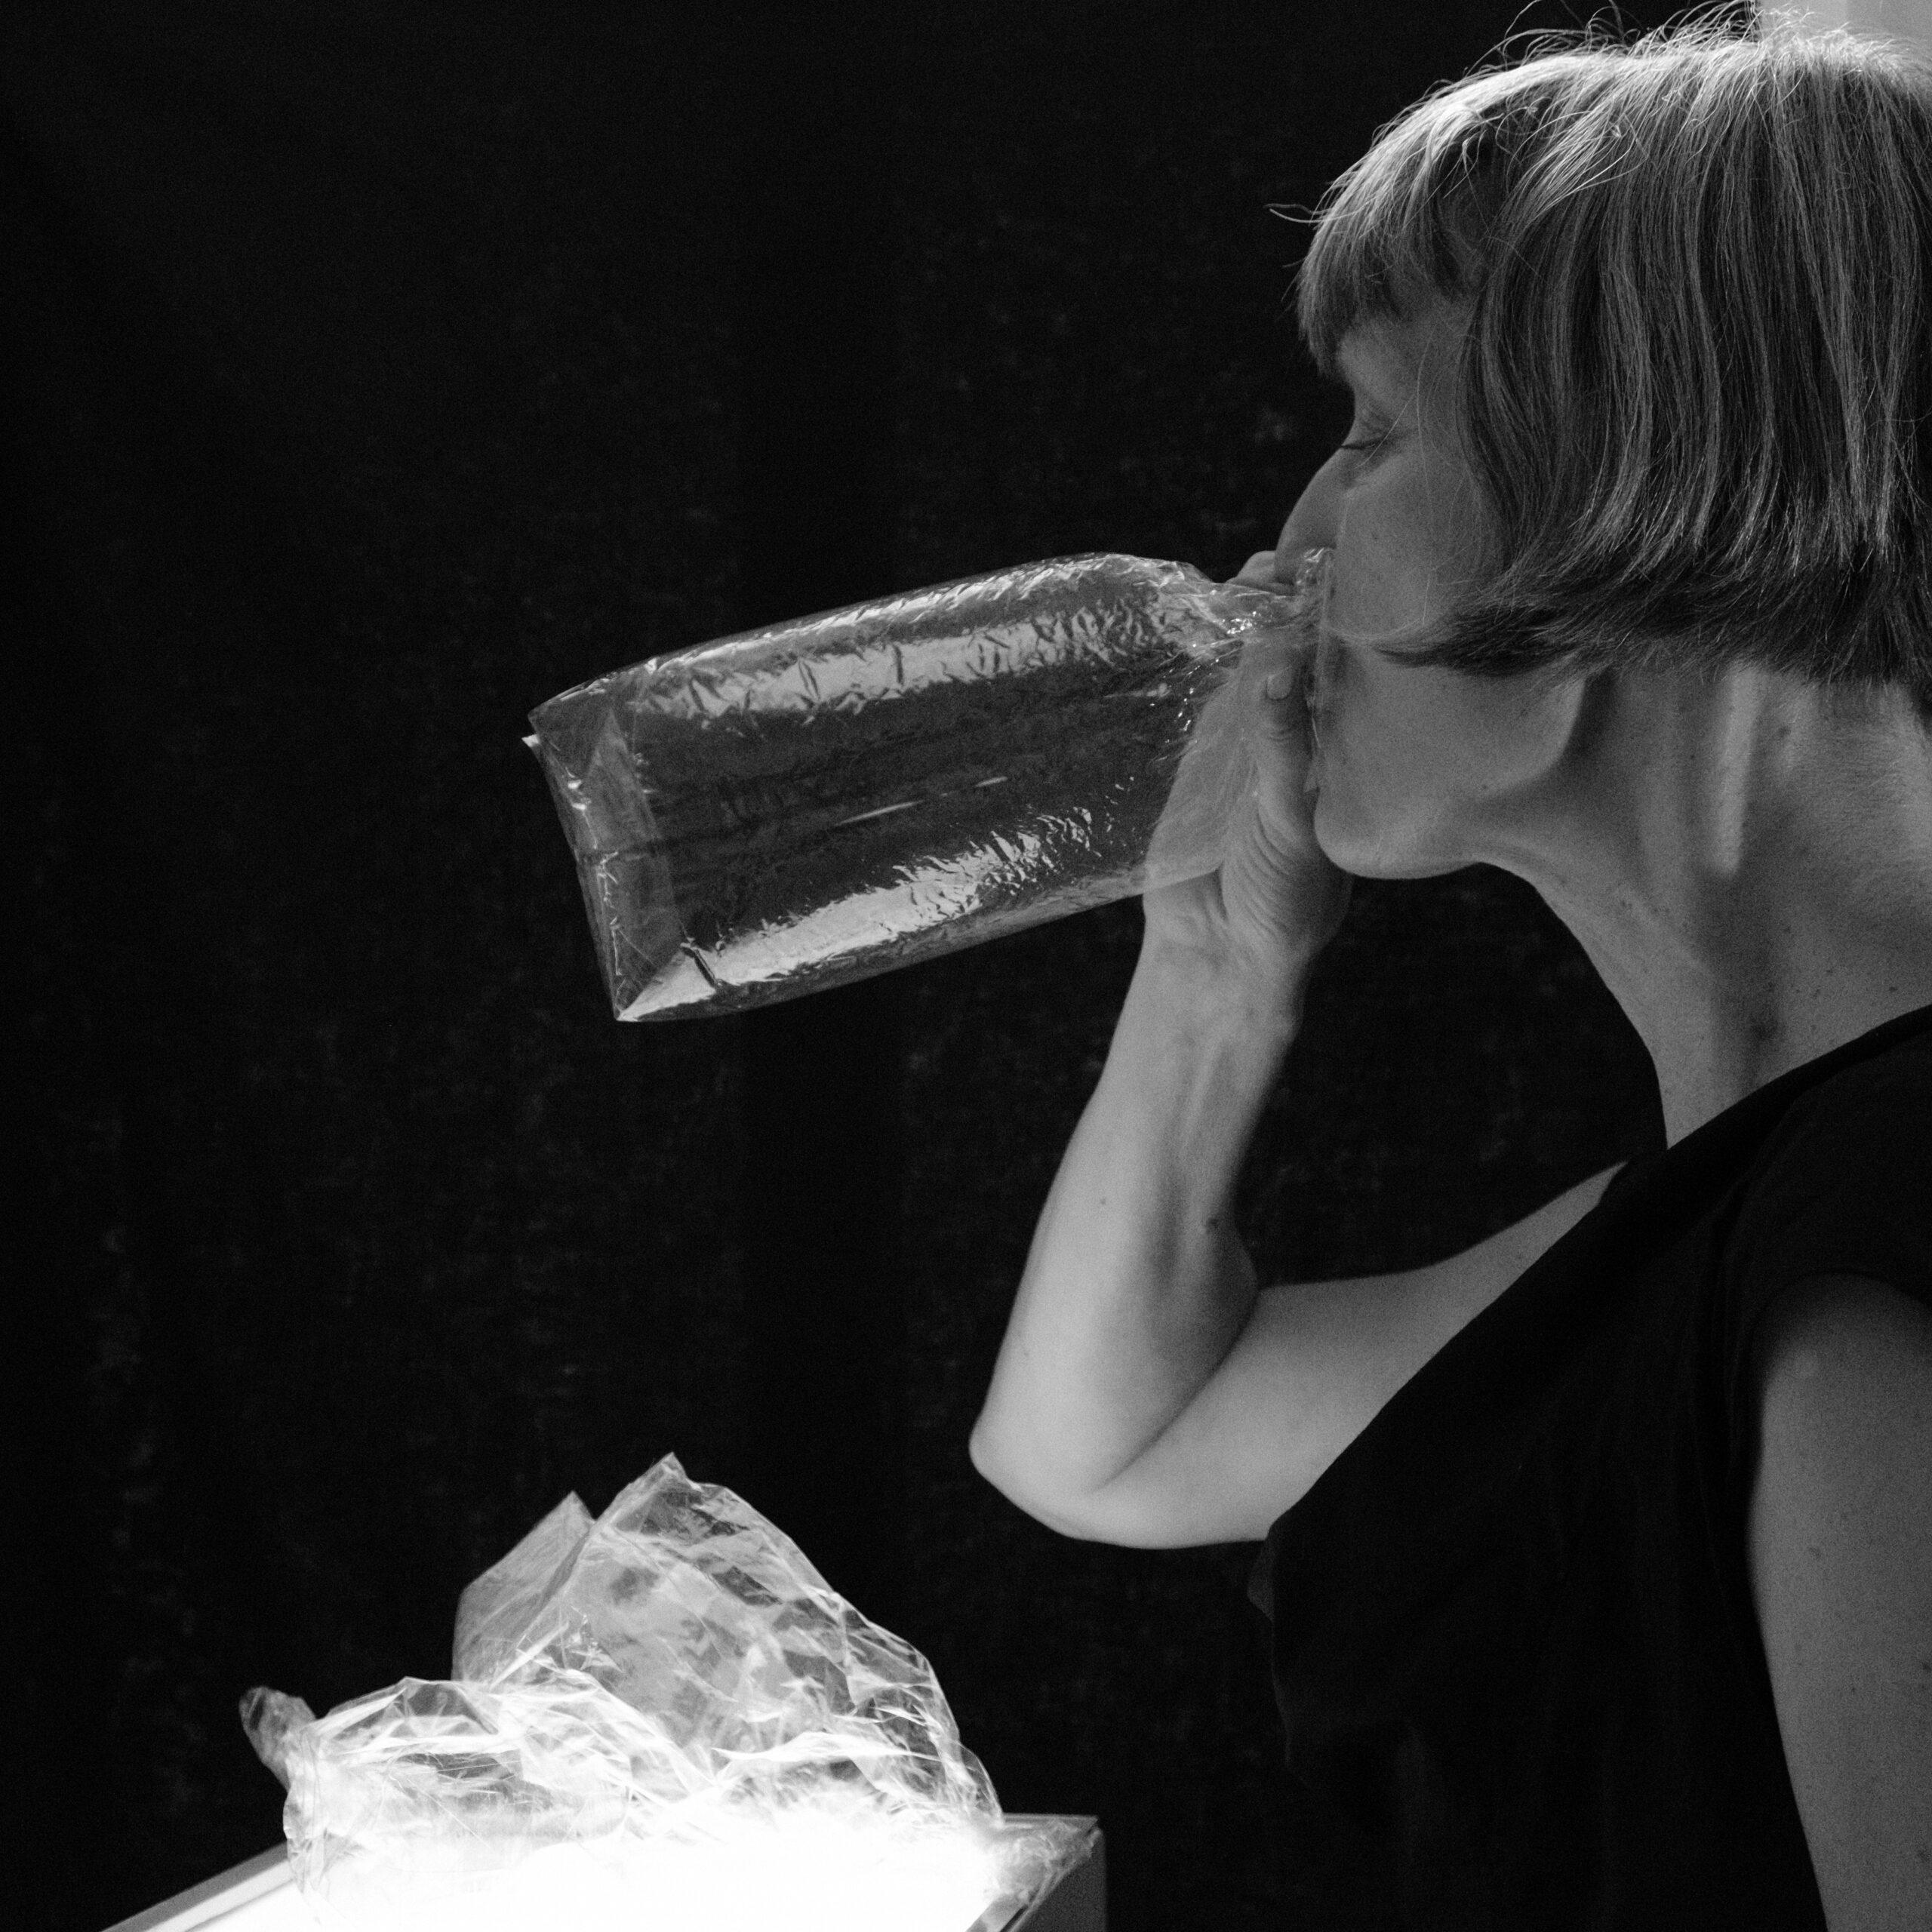 (c) Cristina Marx/Photomusix